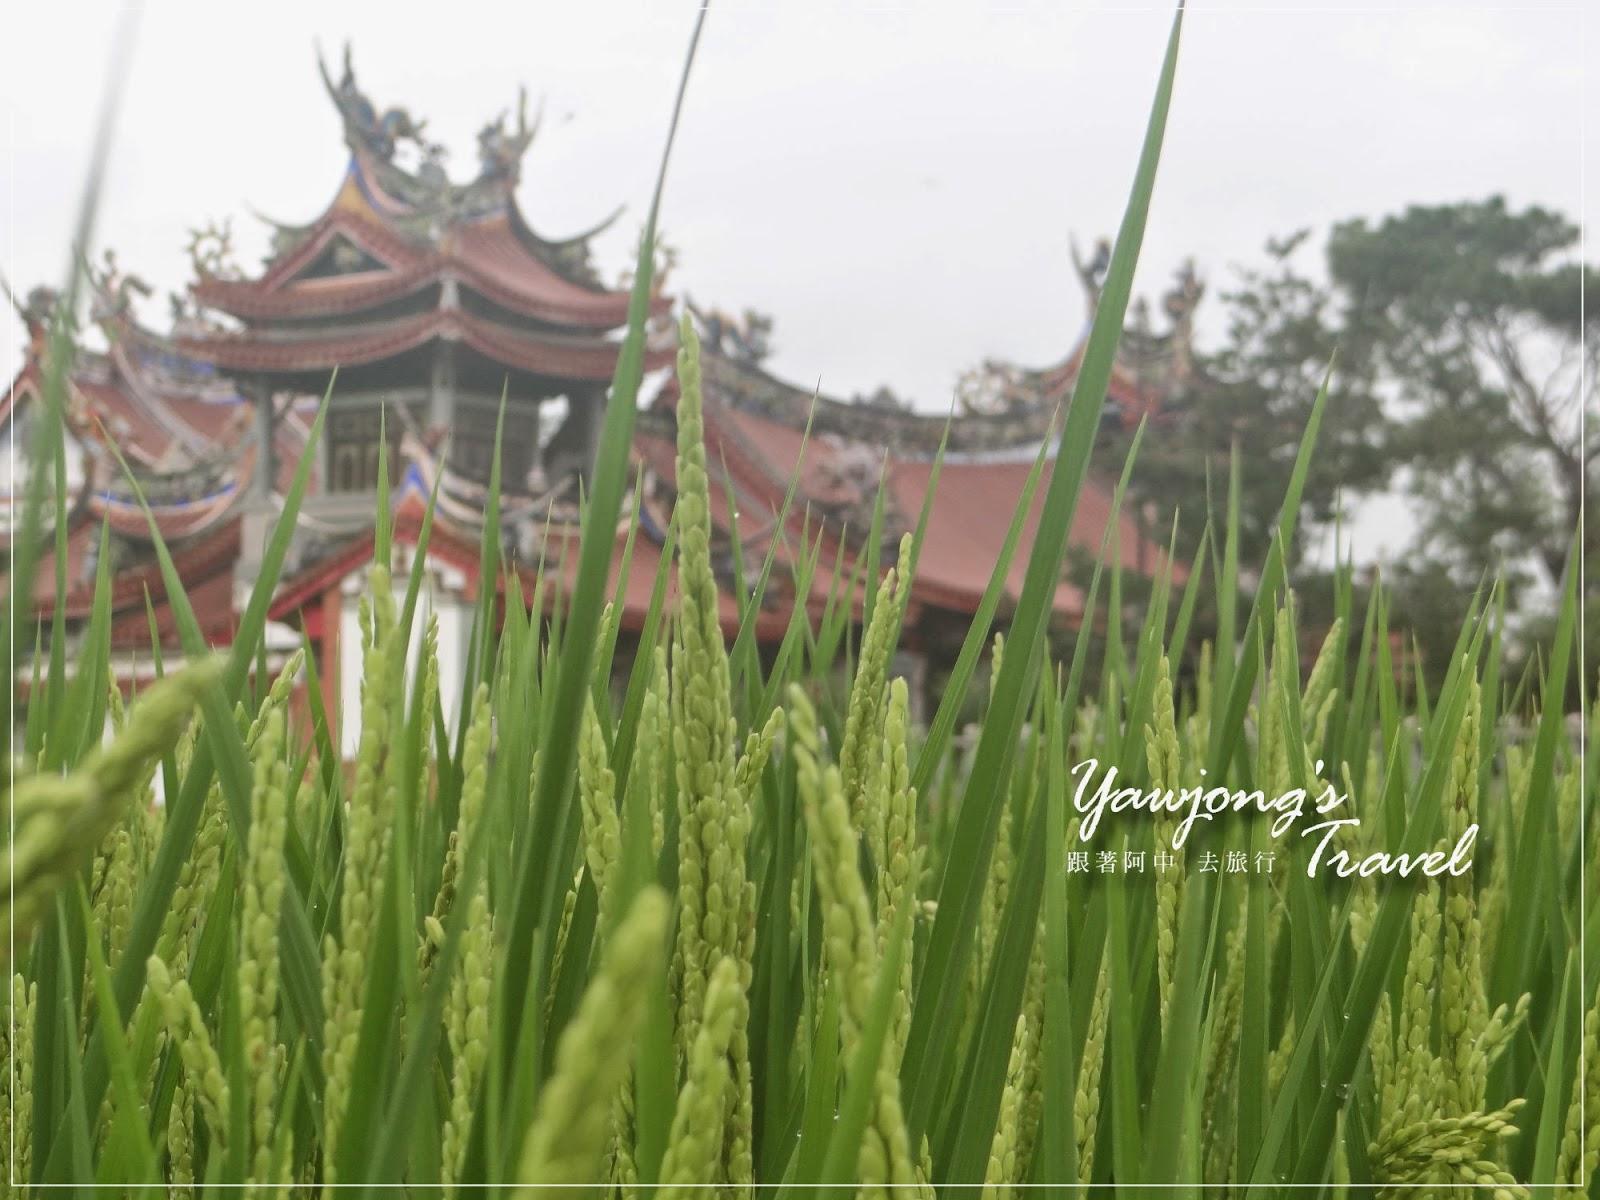 虎尾持法媽祖宮 全台最清幽美的寺廟之一